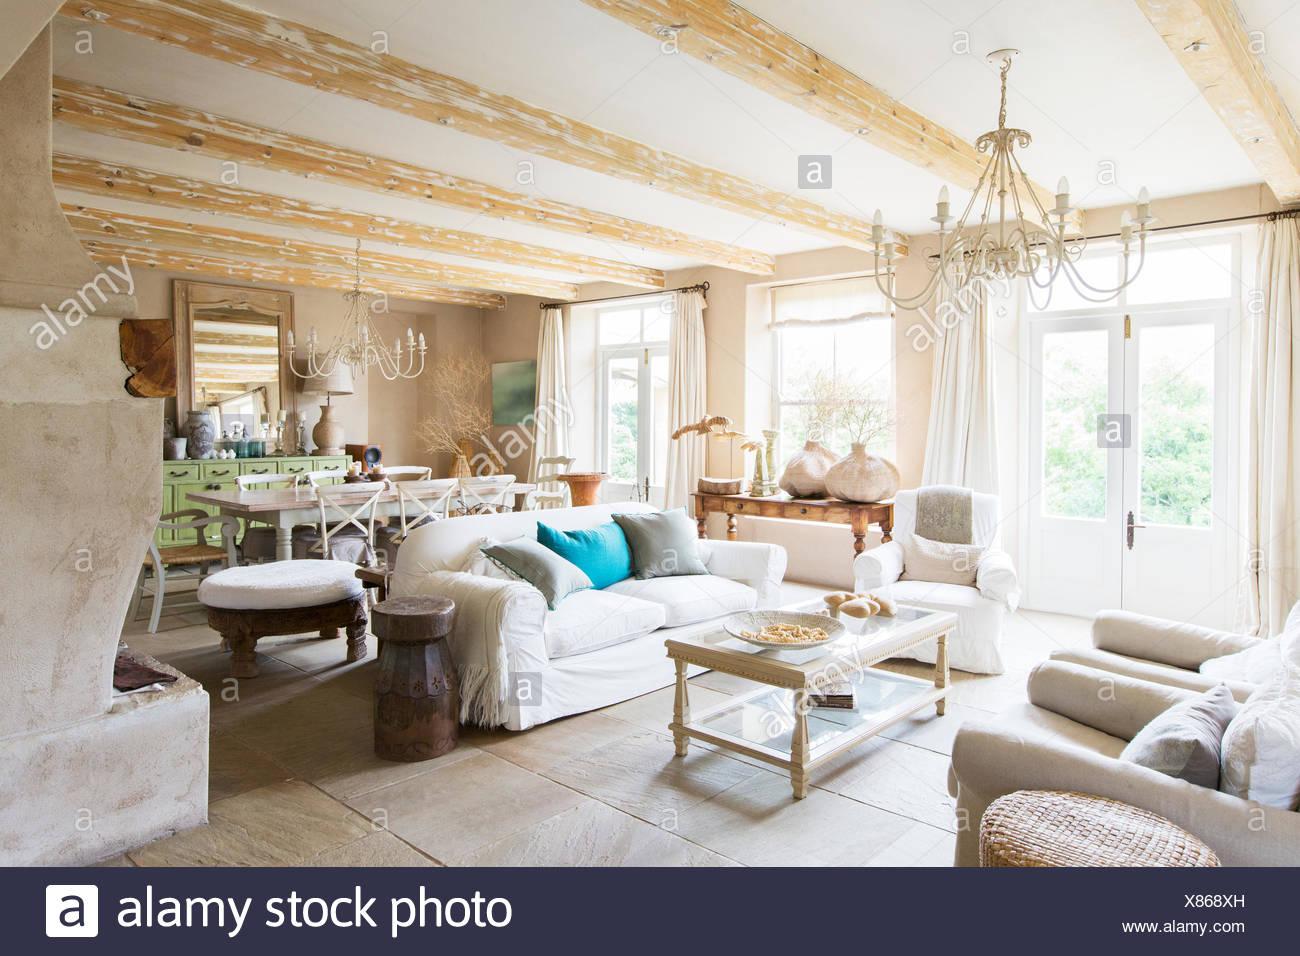 Cucina E Soggiorno Rustico zona pranzo e soggiorno di casa rustico foto stock - alamy